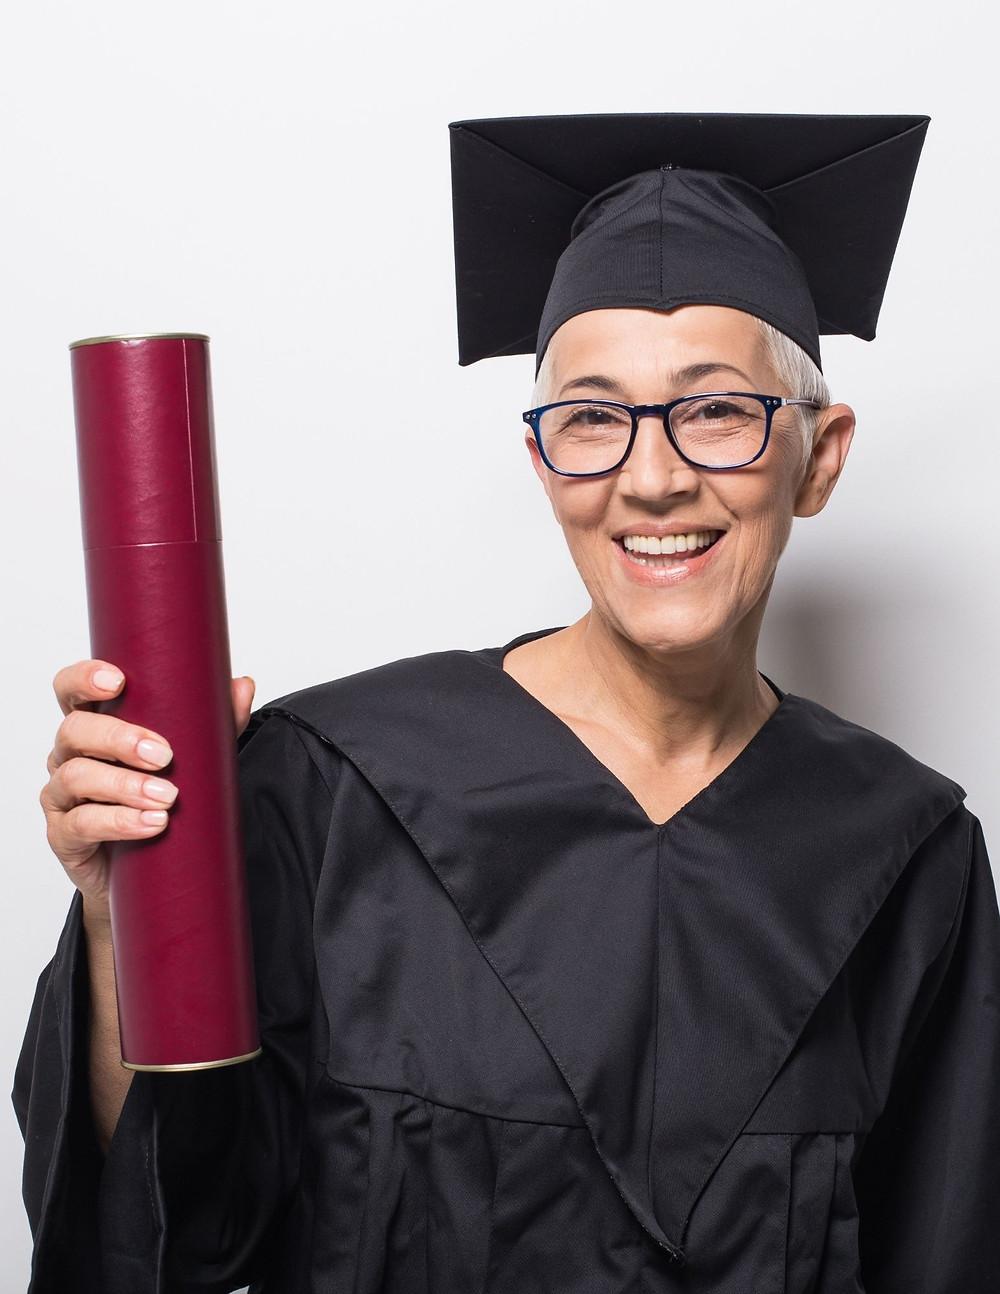 Older student